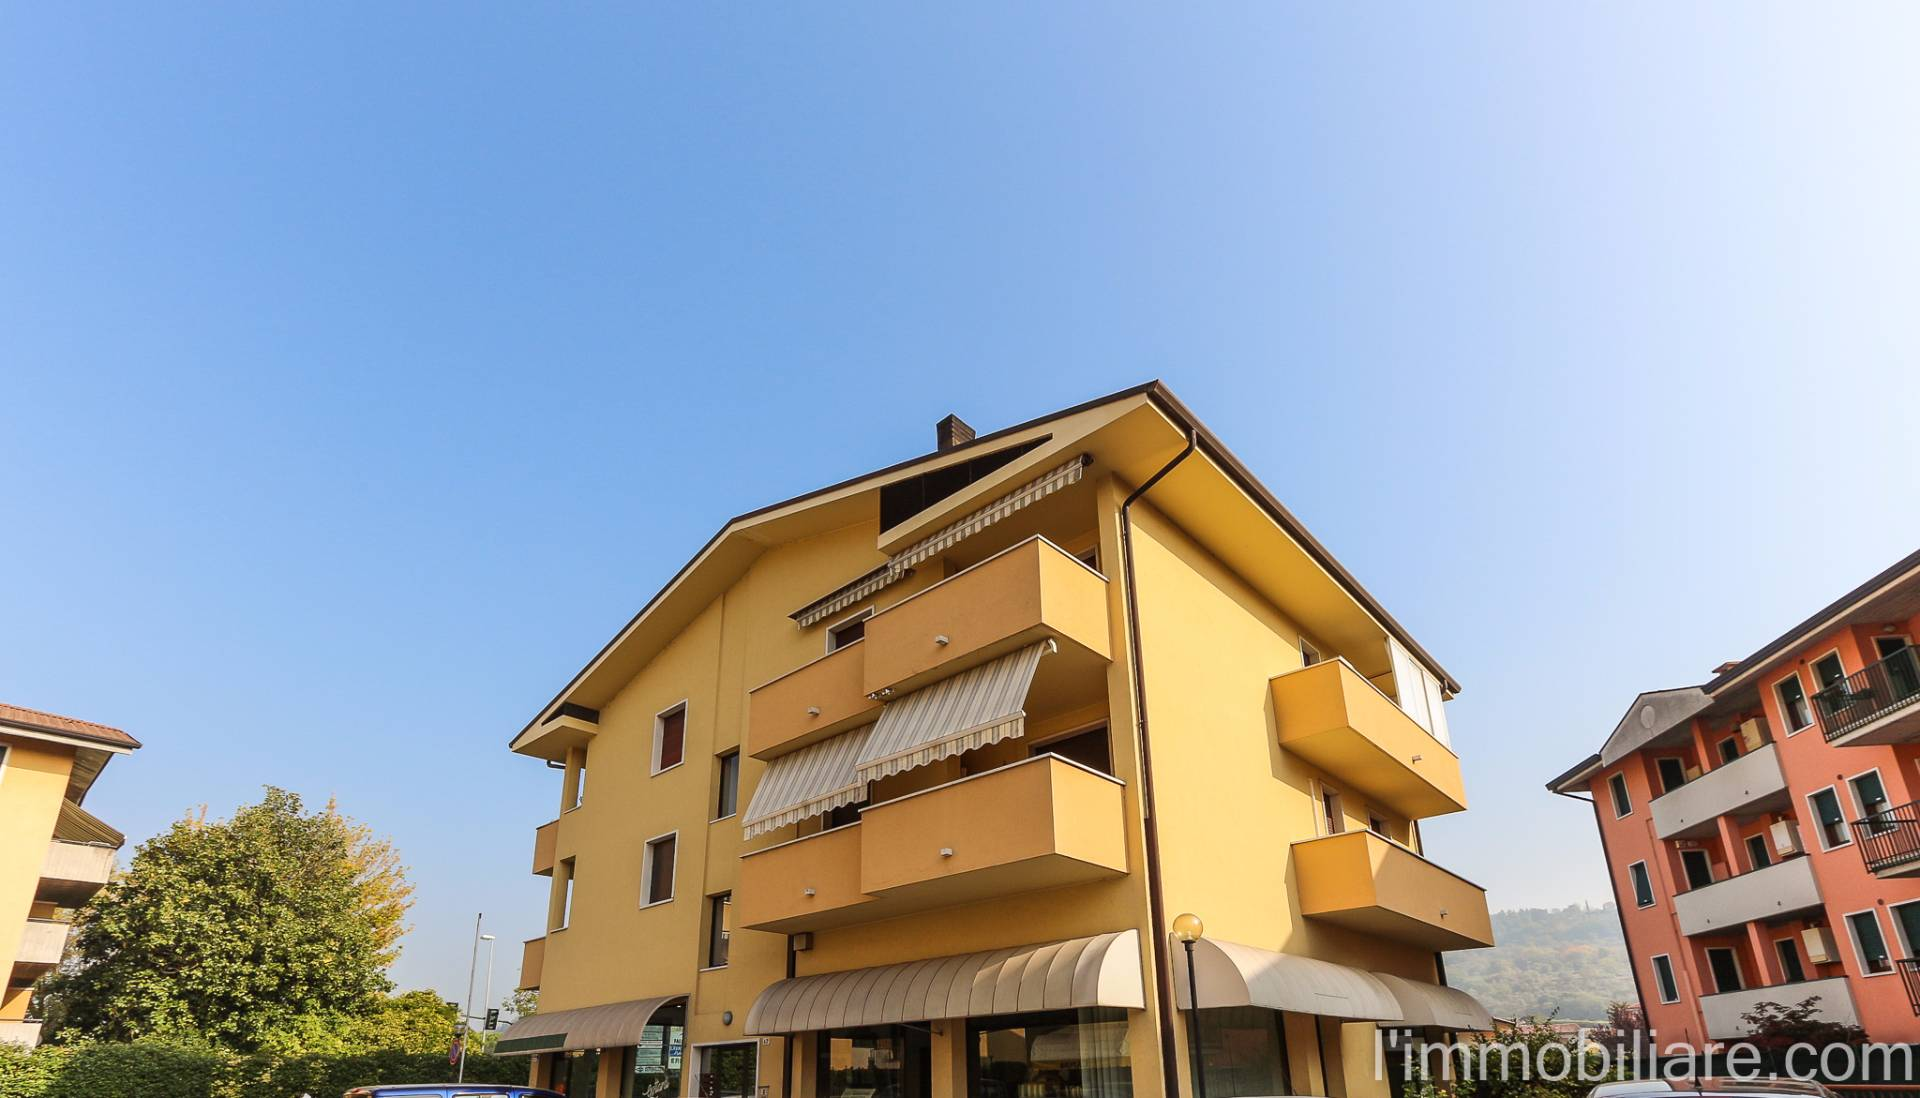 Appartamento in affitto a Verona, 2 locali, zona Località: Parona, prezzo € 550 | CambioCasa.it